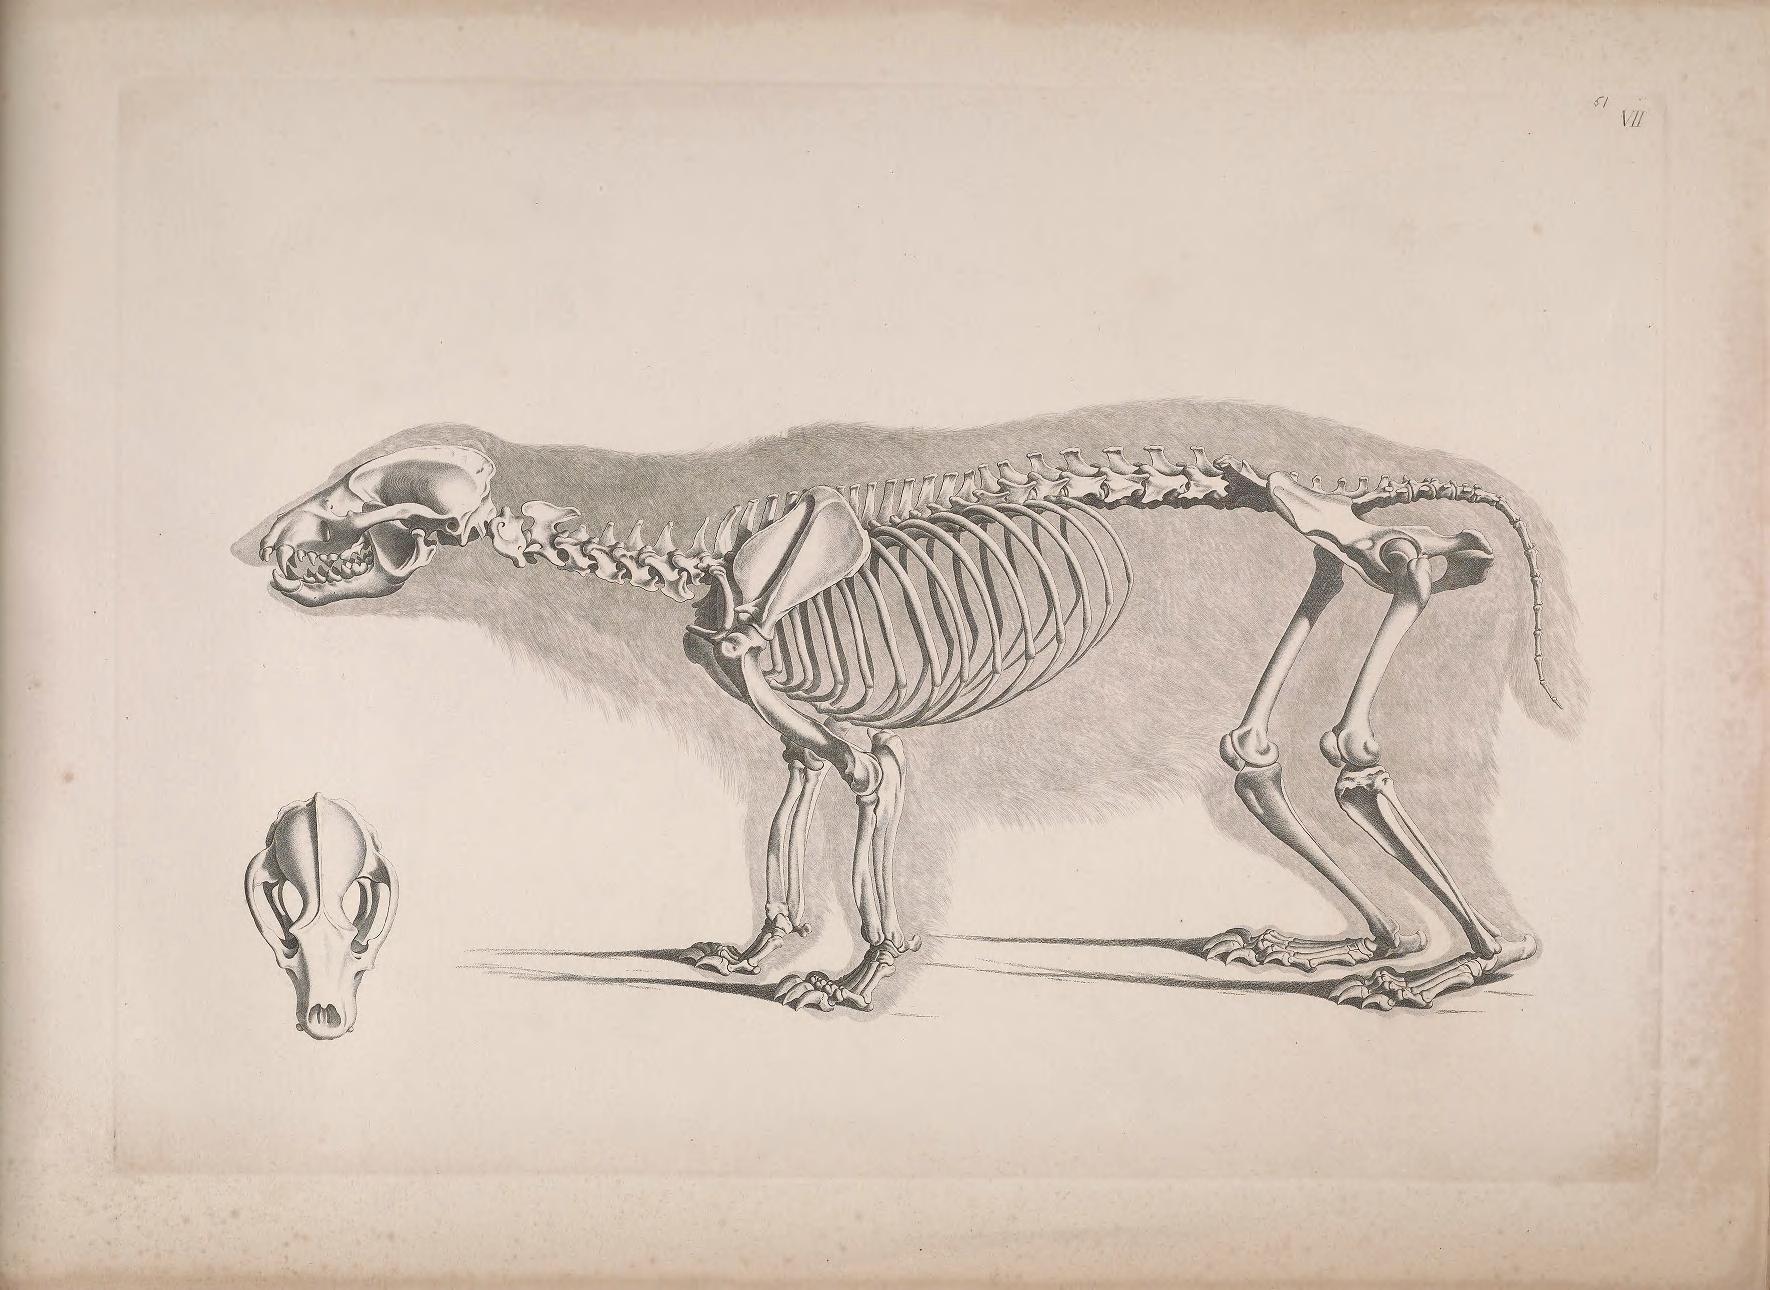 American Badger Skull Diagram Block And Schematic Diagrams